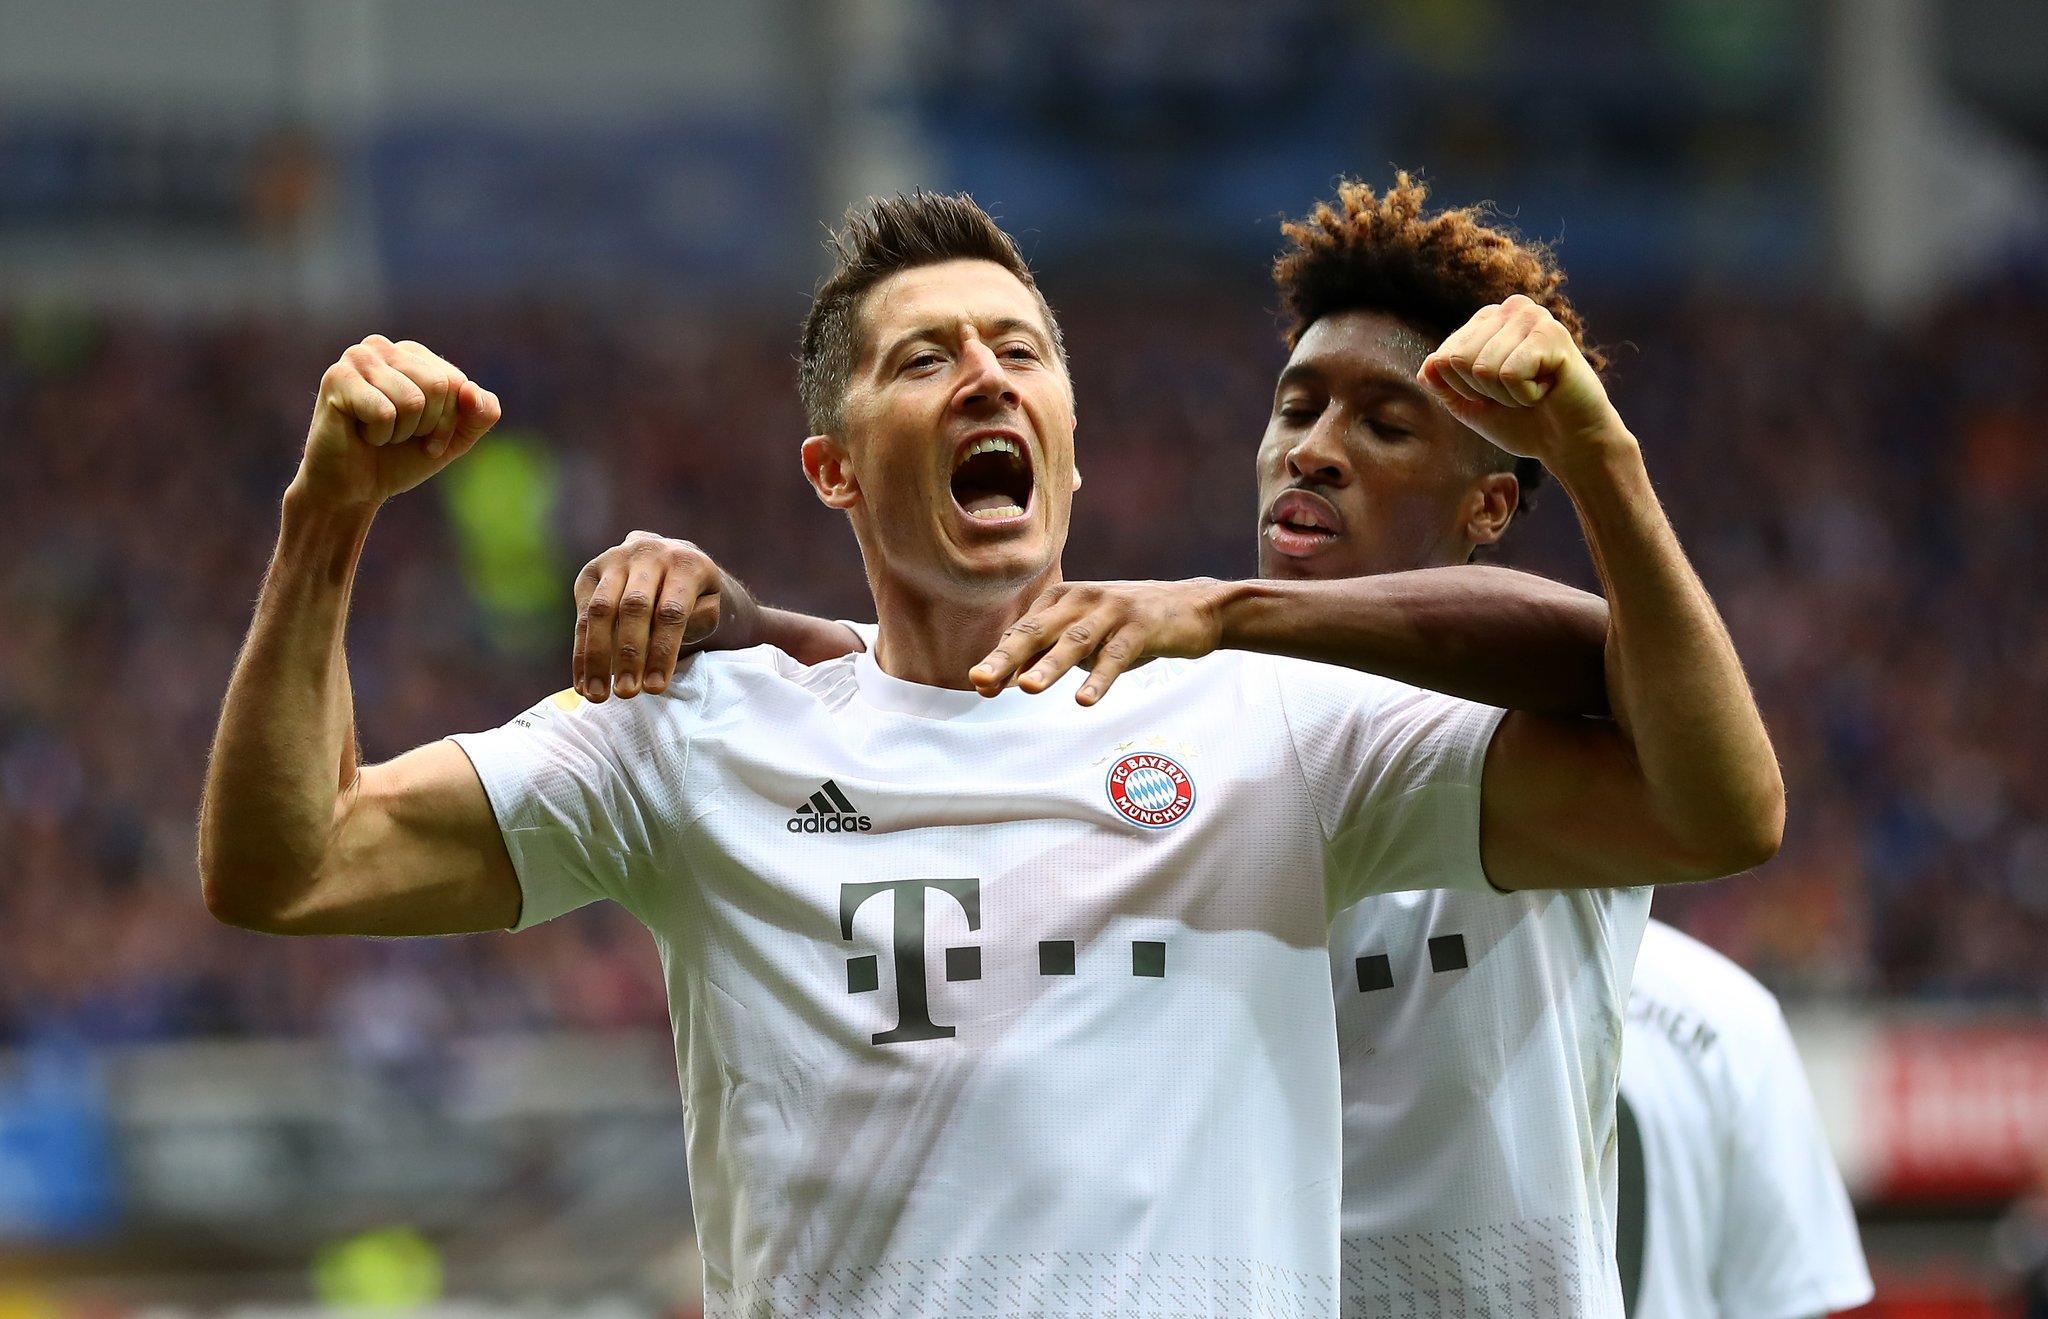 بالفيديو | بايرن ميونخ يفوز بصعوبة على العنيد بادربورن ويعتلي صدارة الدوري الألماني